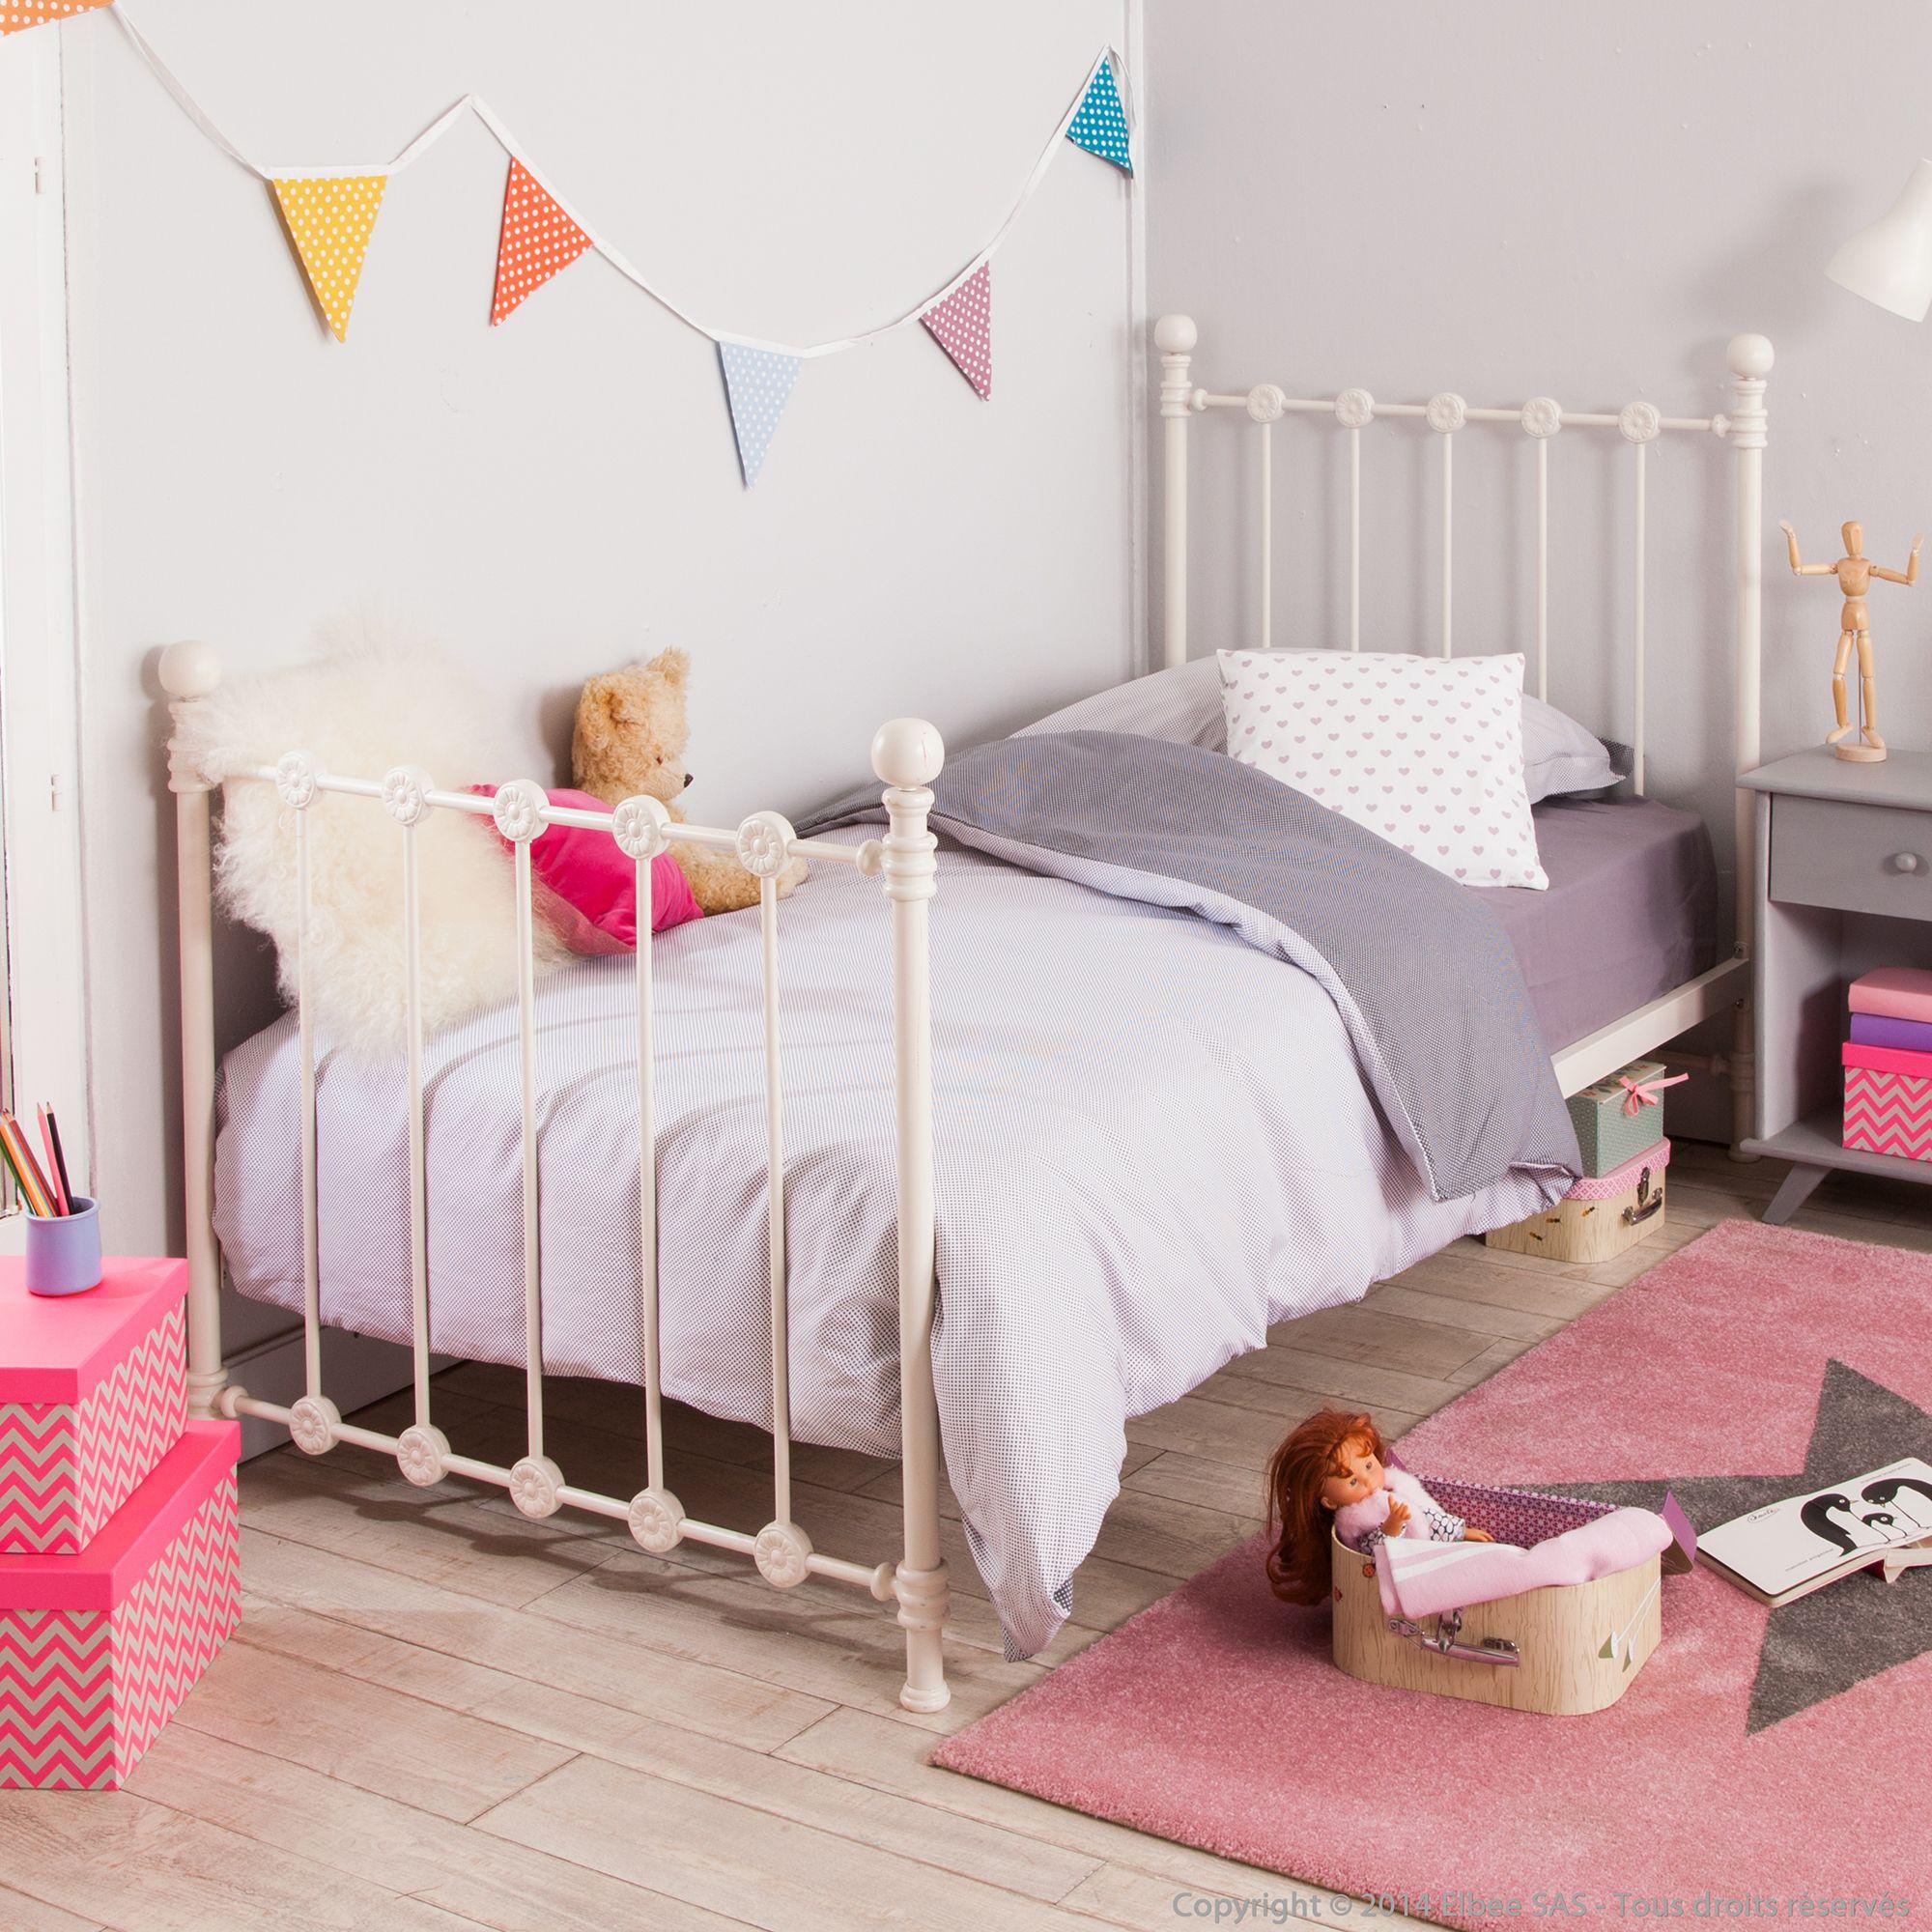 vente privee lit. Black Bedroom Furniture Sets. Home Design Ideas